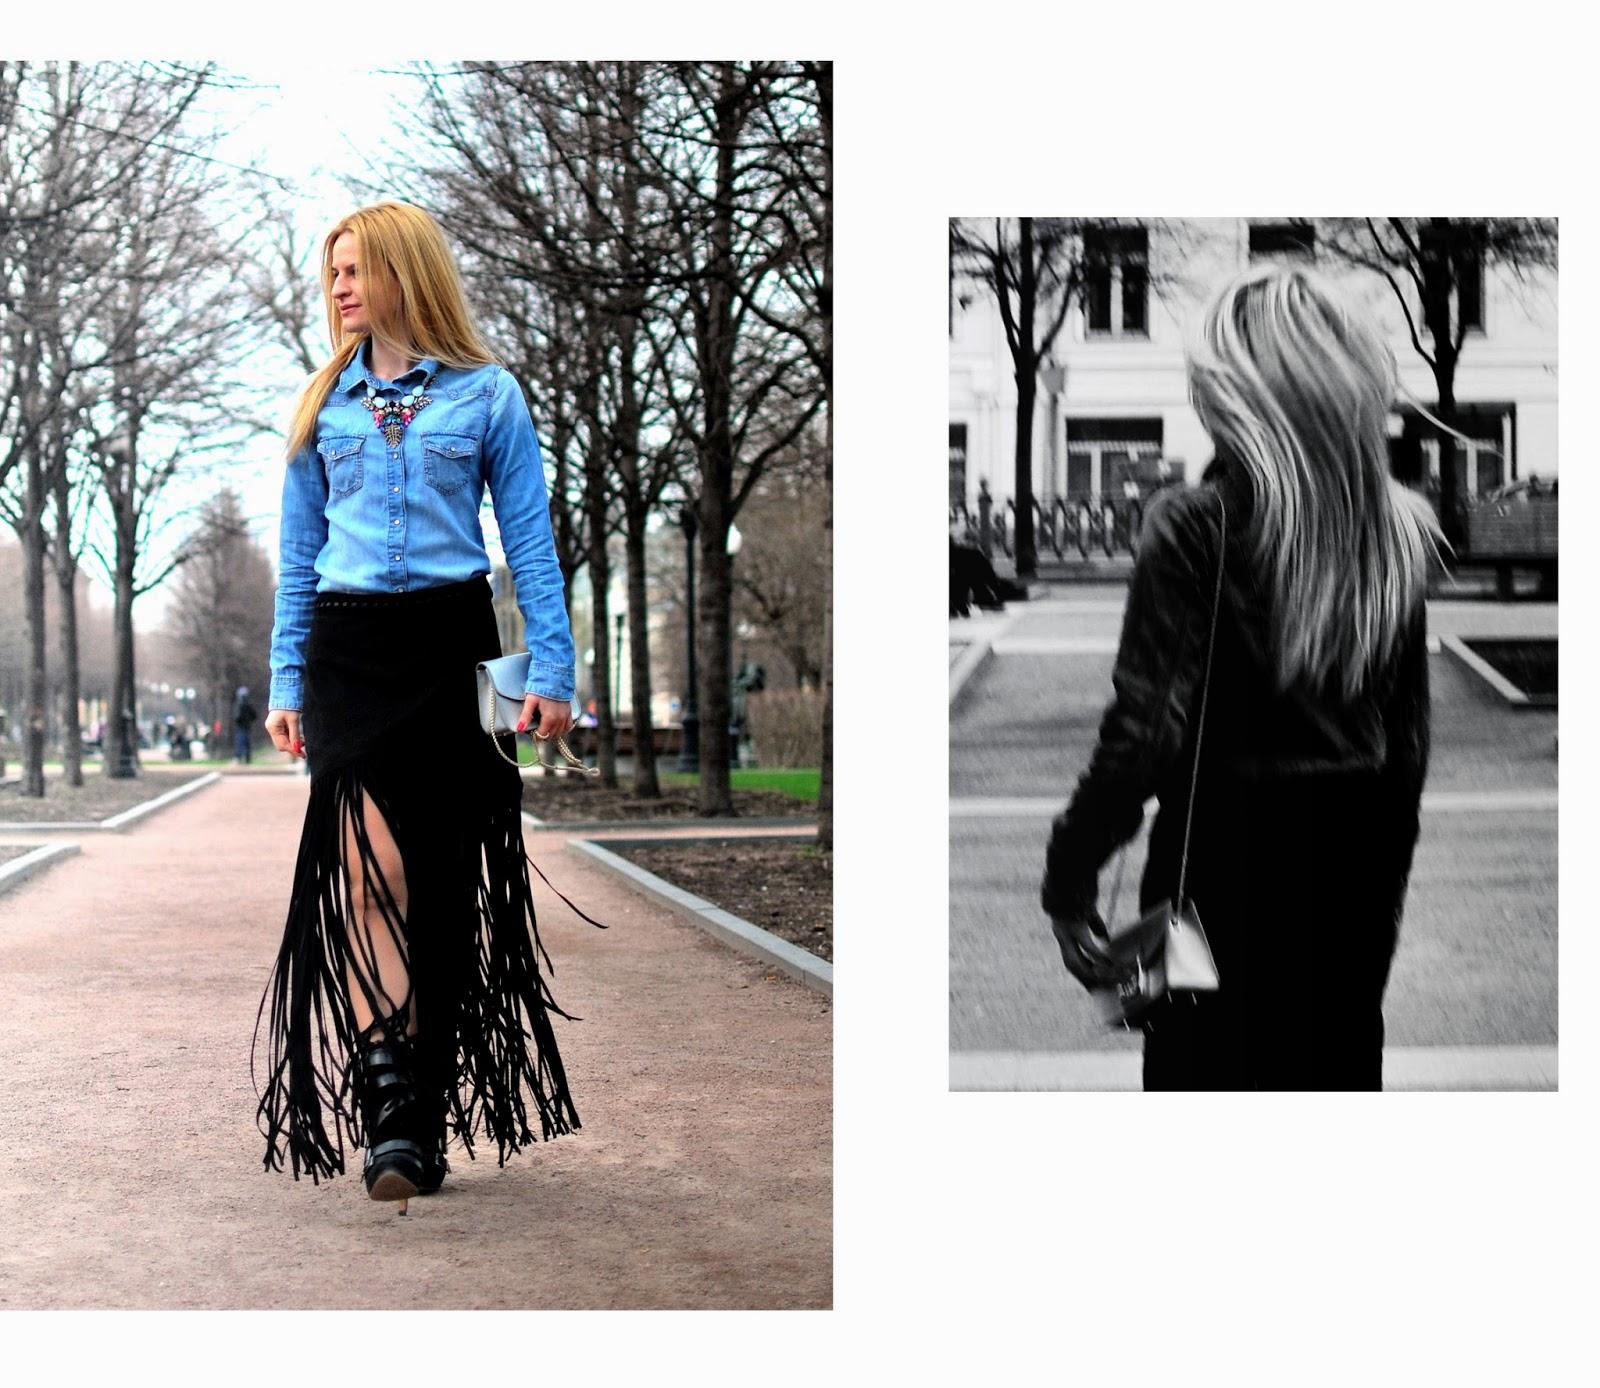 как носить тренд бахрома,с чем носить джинсовую рубашку, как носить джинсовую рубашку,винтажное колье,Ирина Павлова блог